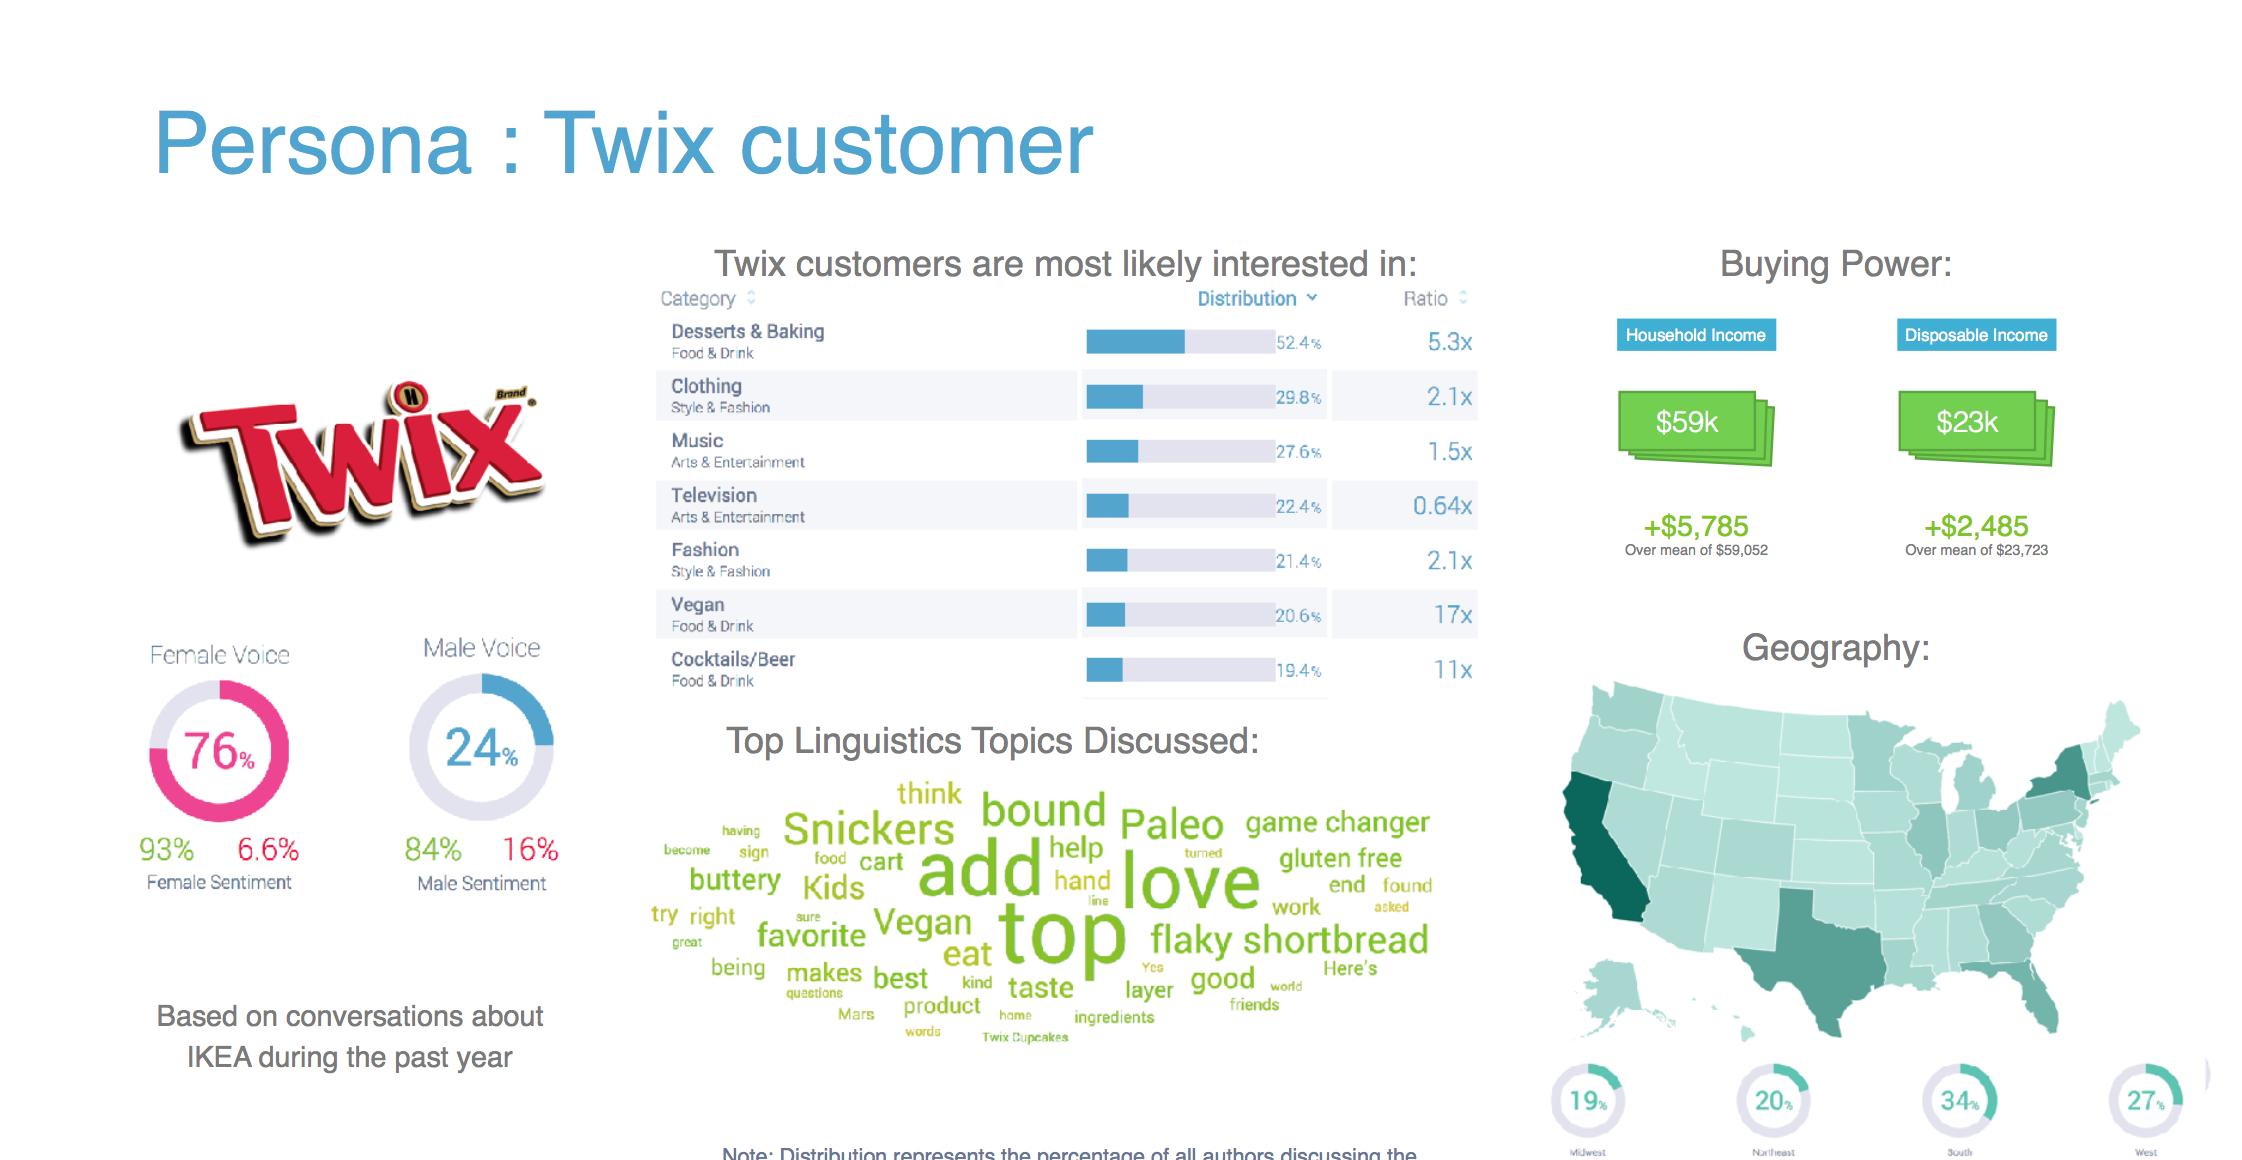 Twix Persona Profile